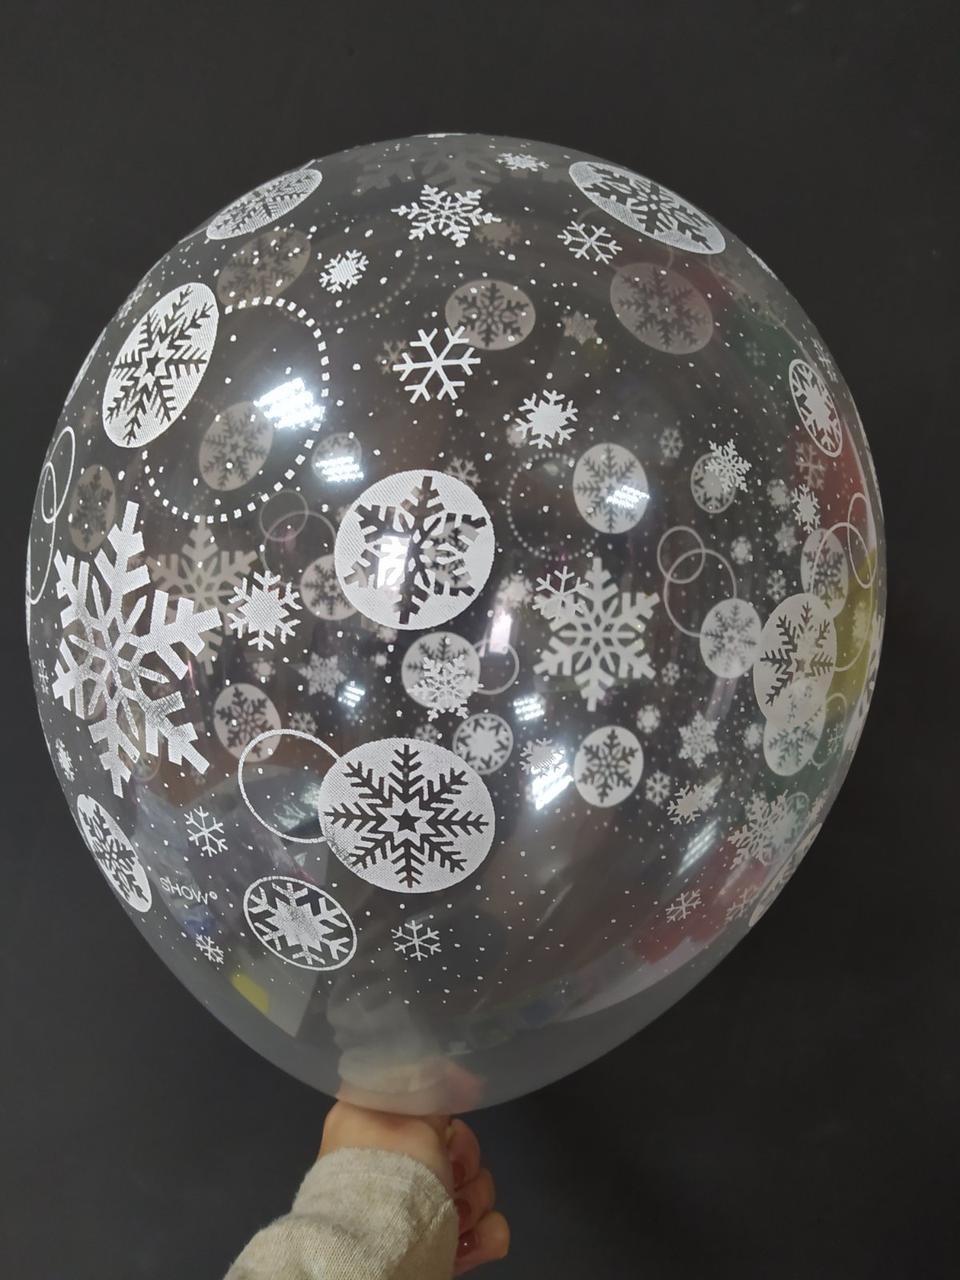 """Латексна кулька з малюнком сніжинки 12"""" прозора Арт-студія """"Show"""""""